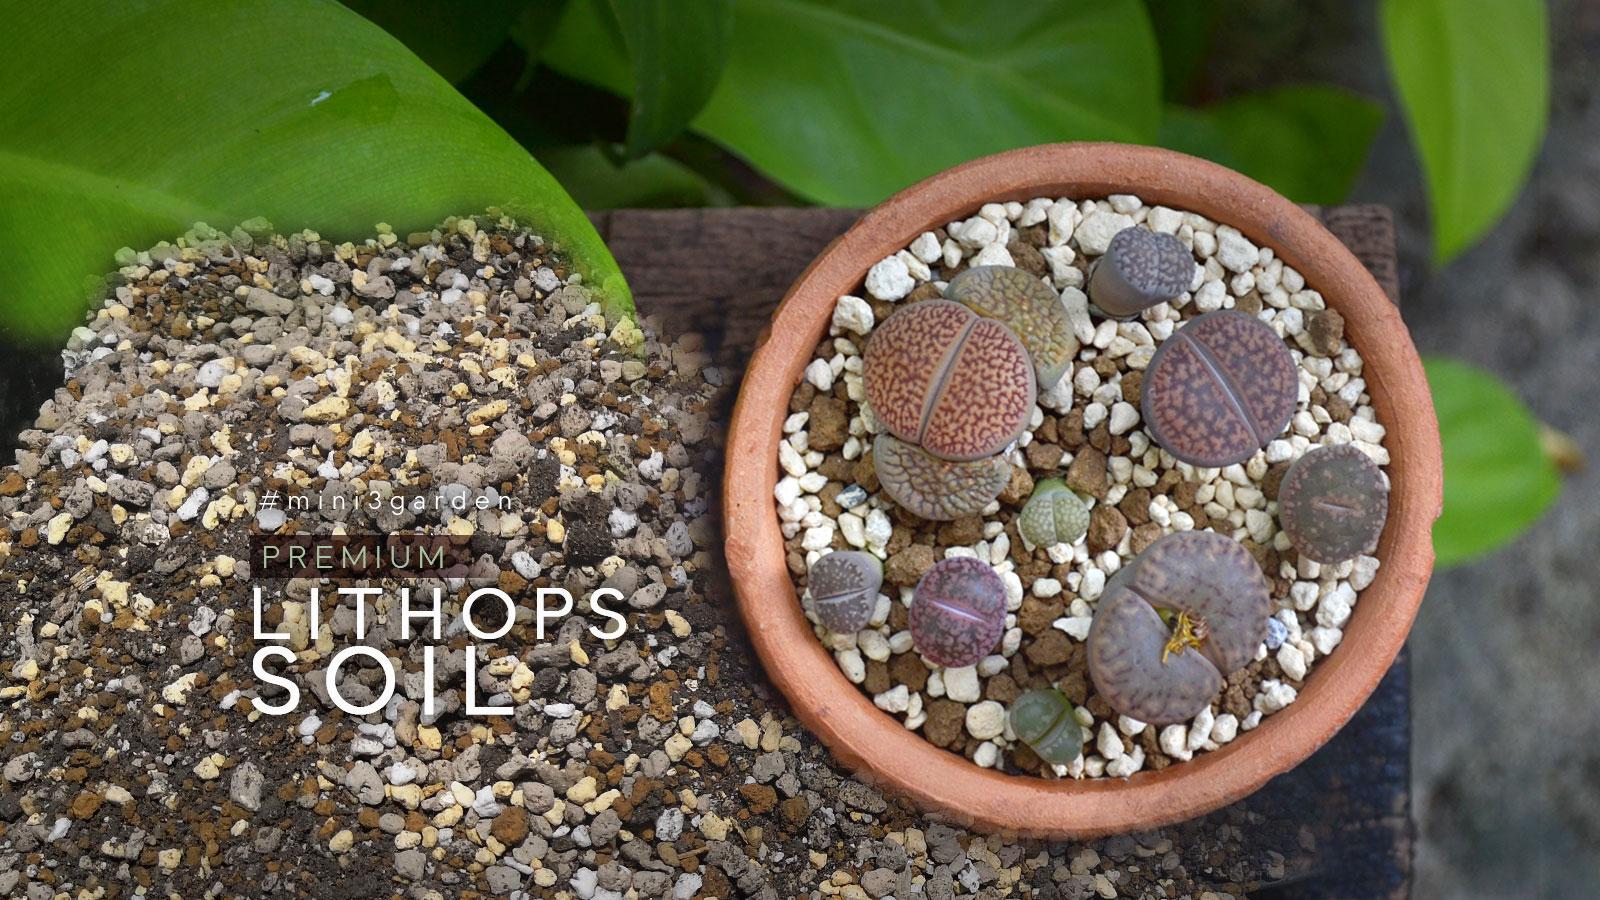 lithops_soil.jpg